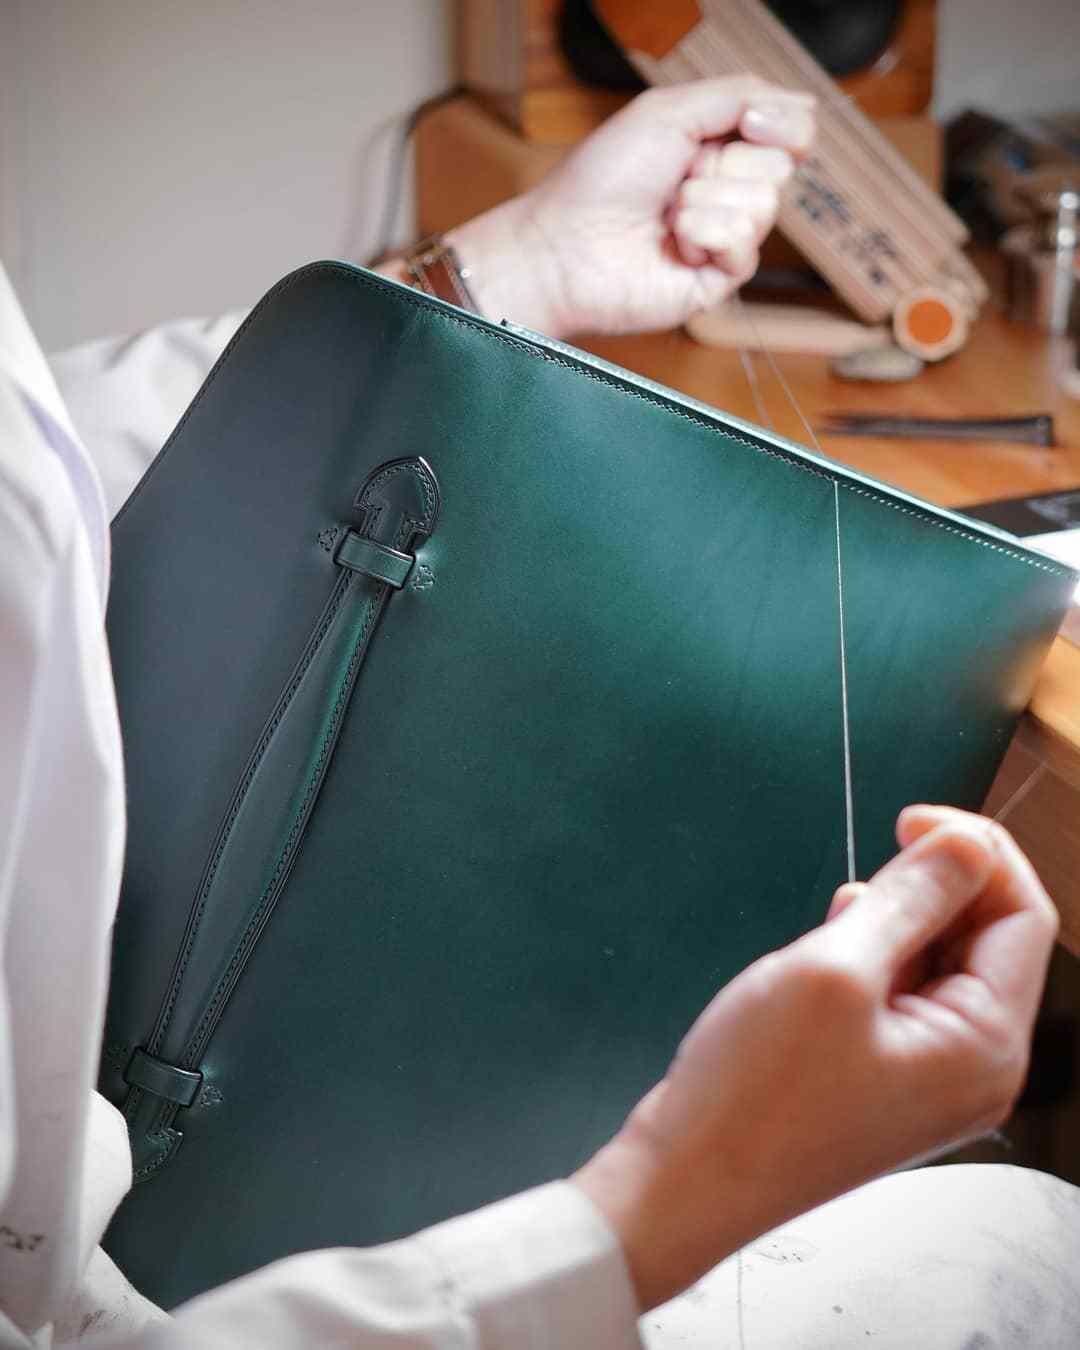 手工皮具制作培训_一款简约的公文包制作过程 - 皮小匠